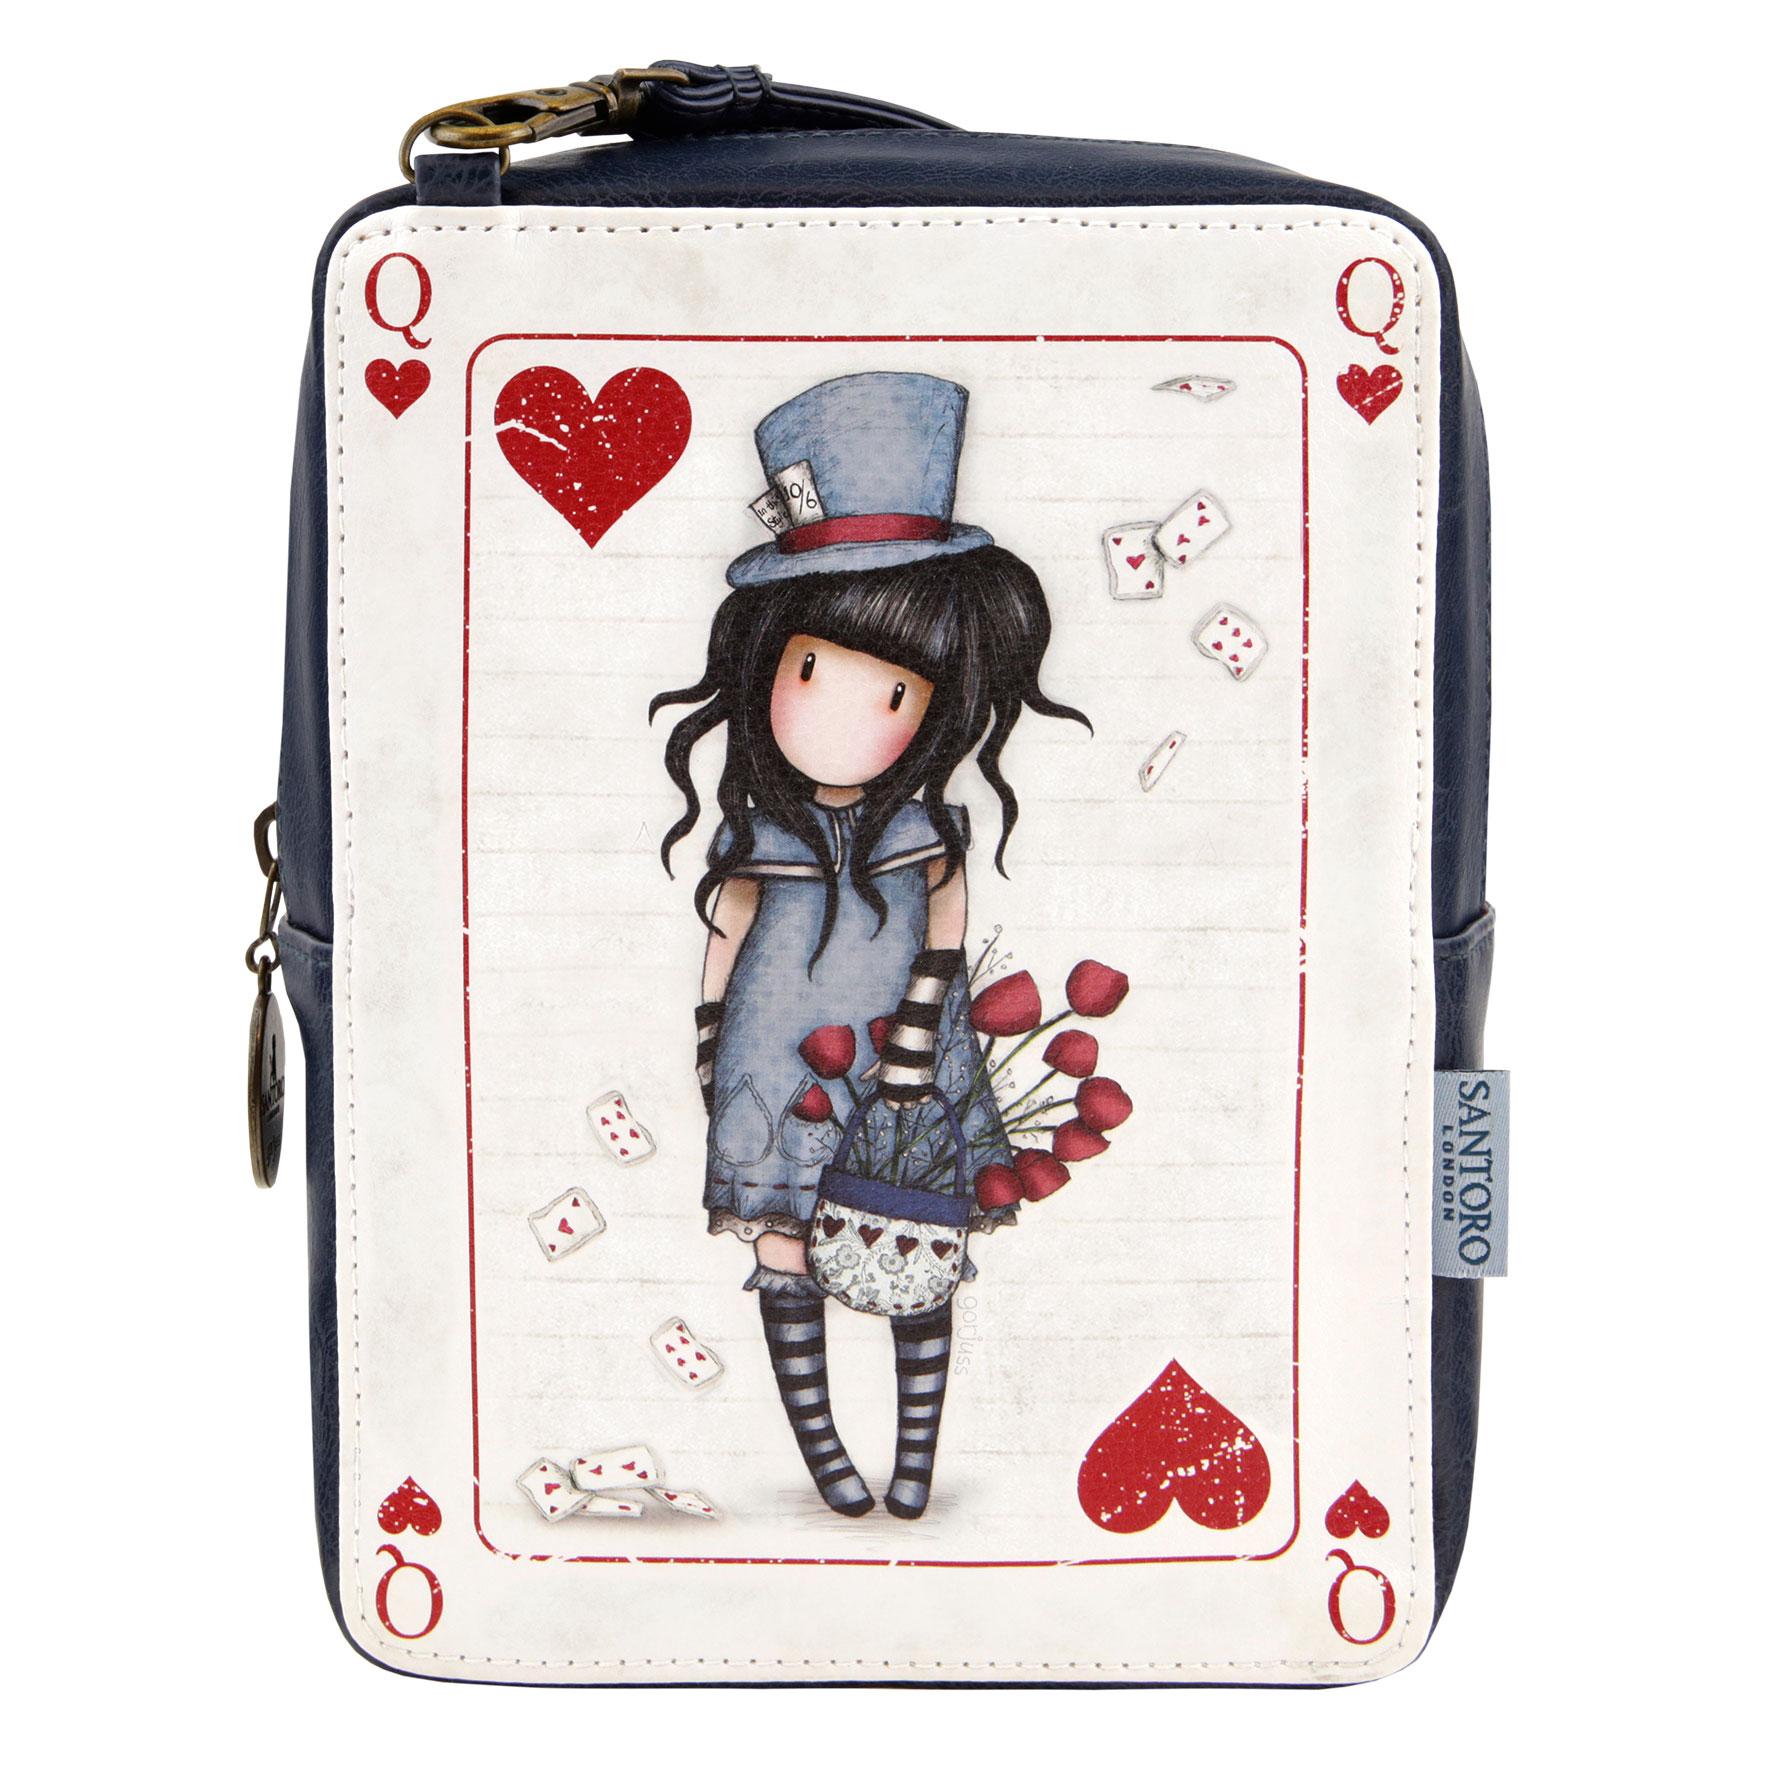 Купить Прямоугольная сумка - The Hatter, Santoro London